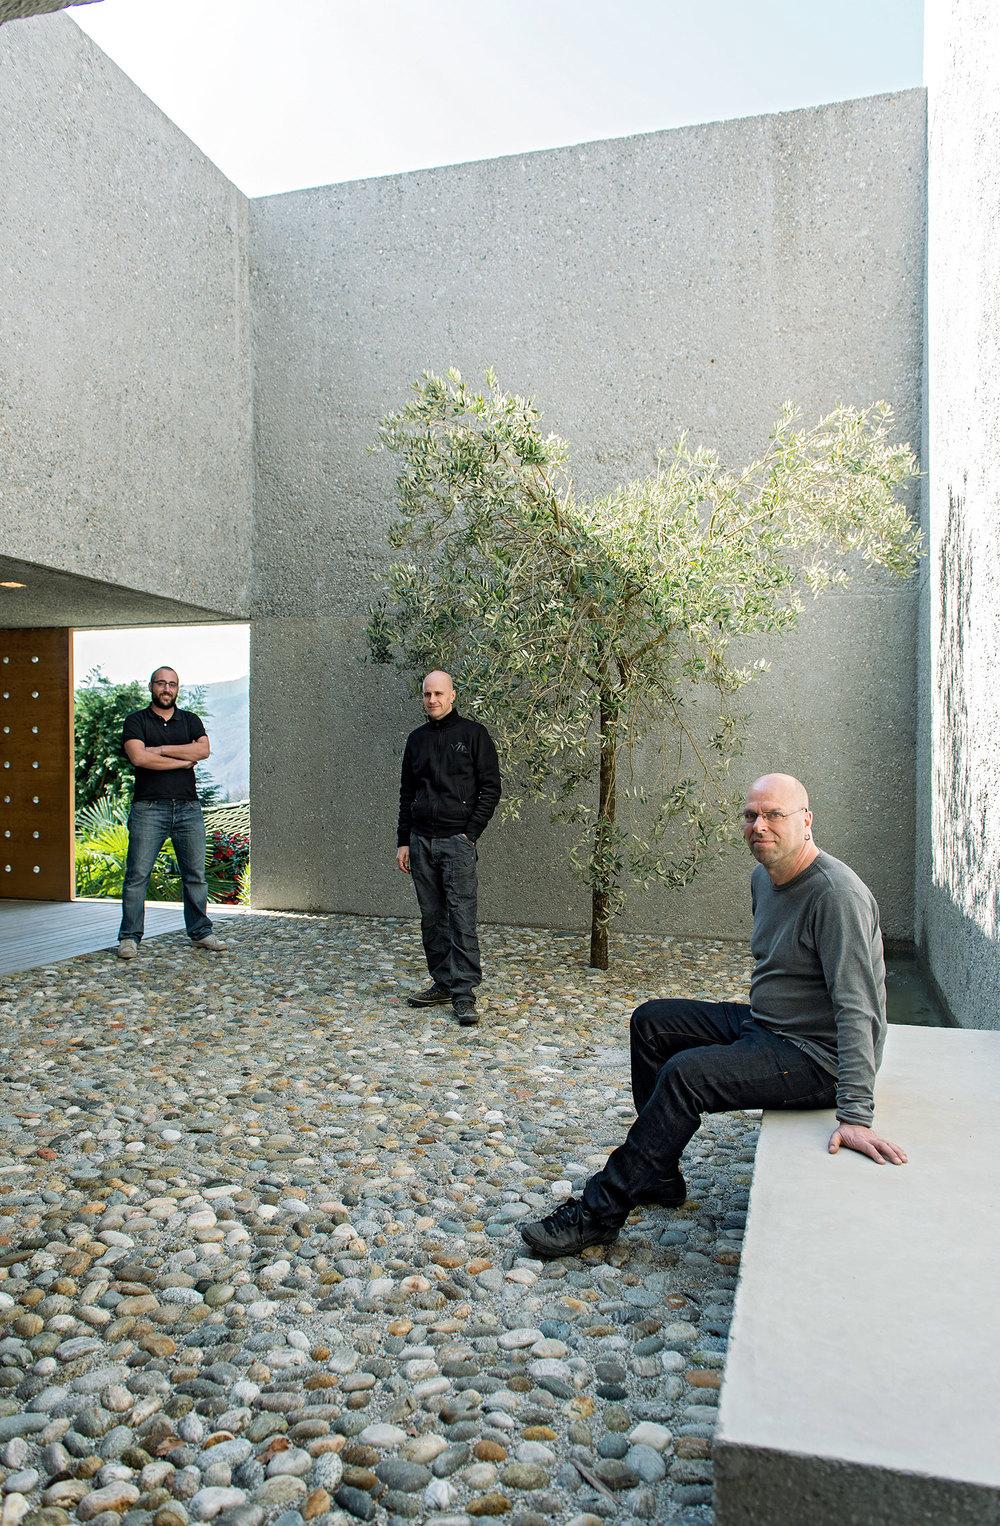 ARCH. WESPI, DEMEURON & ROMERO